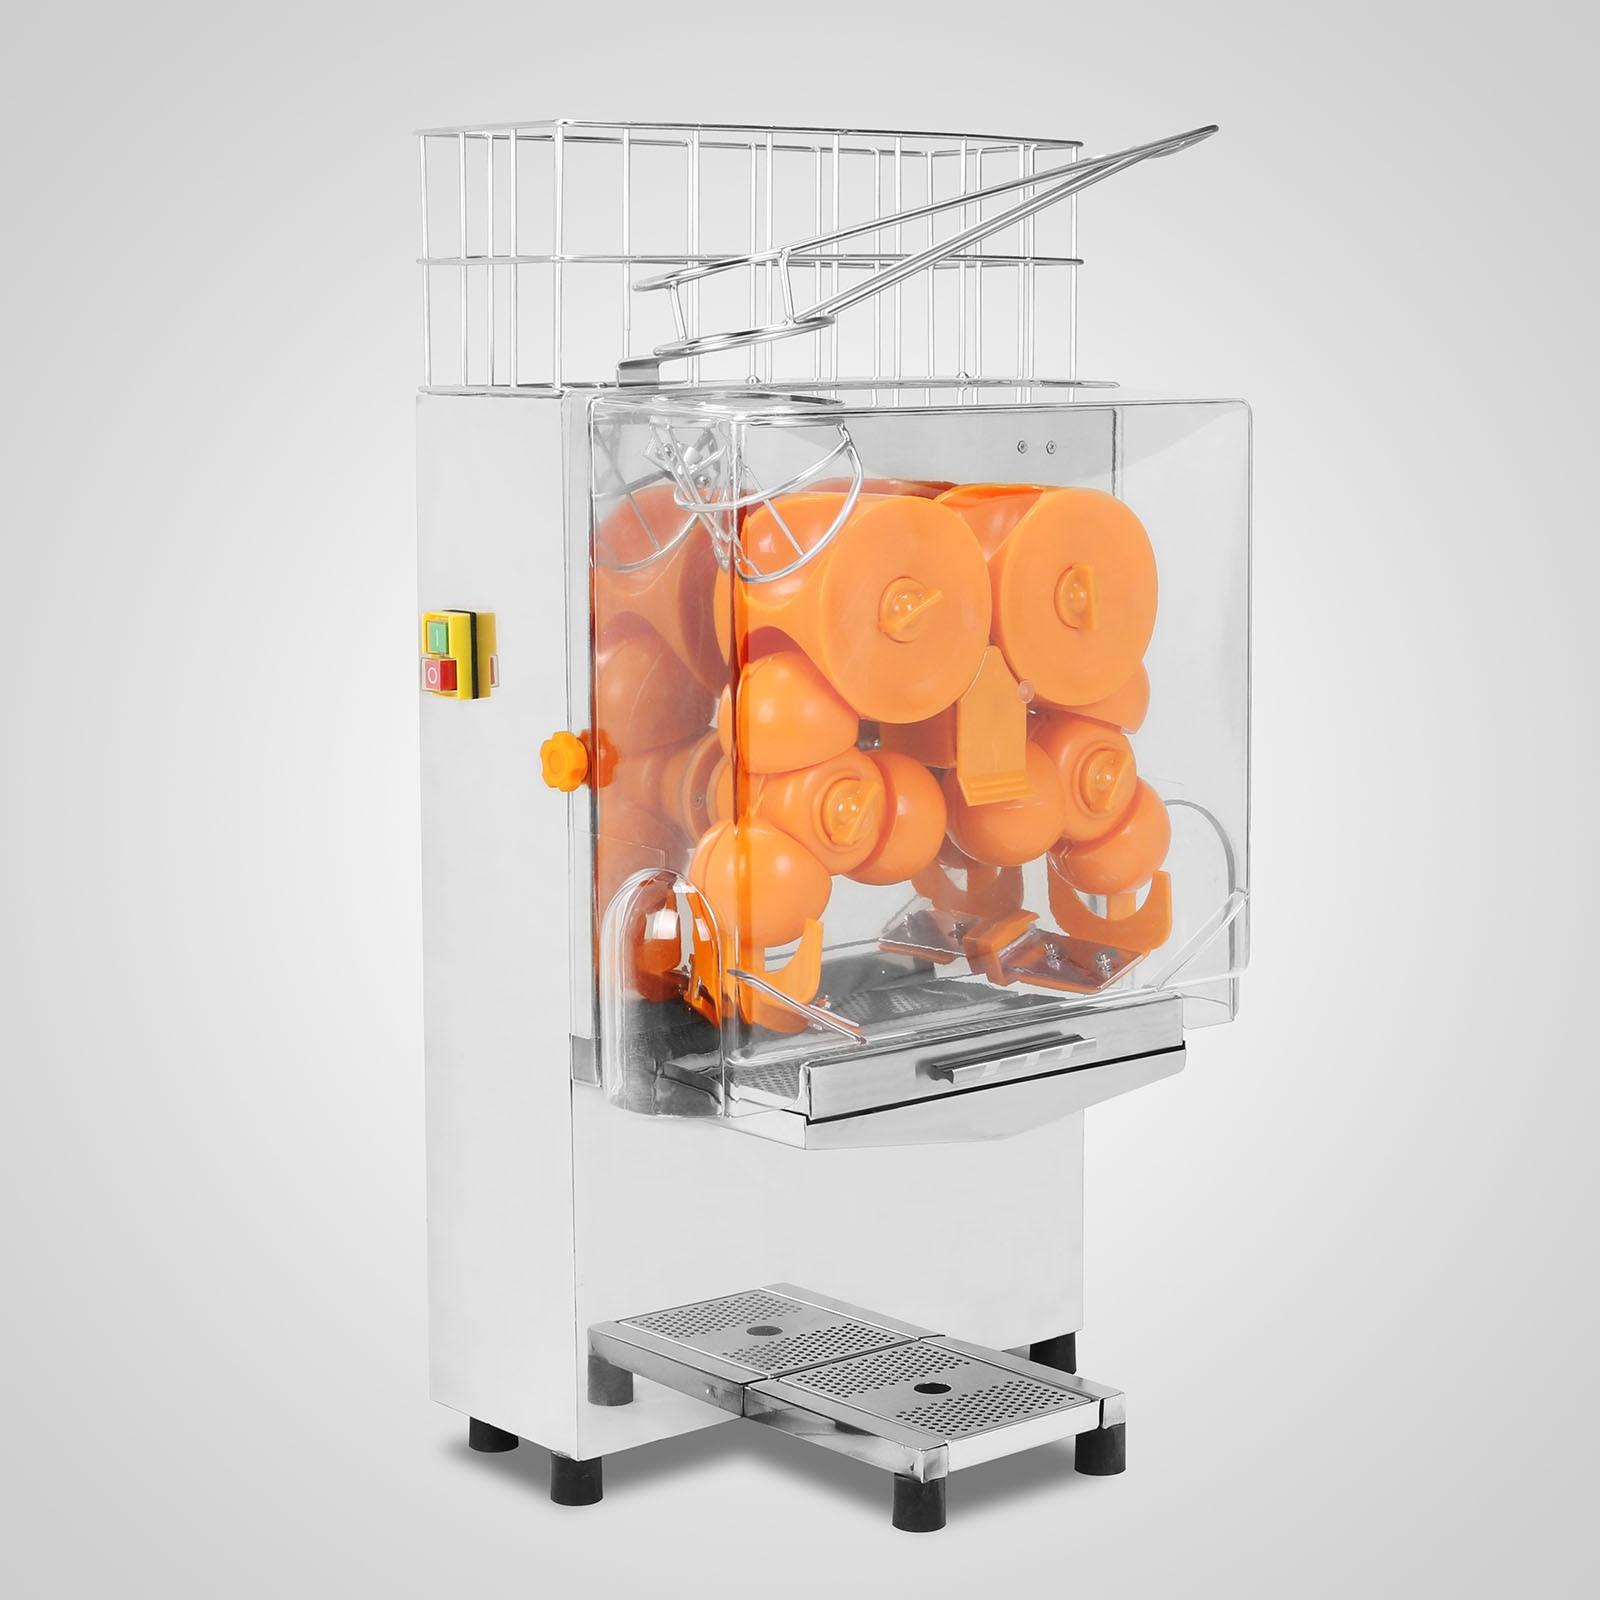 Автоматическая соковыжималка для апельсинов из нержавеющей стали 1